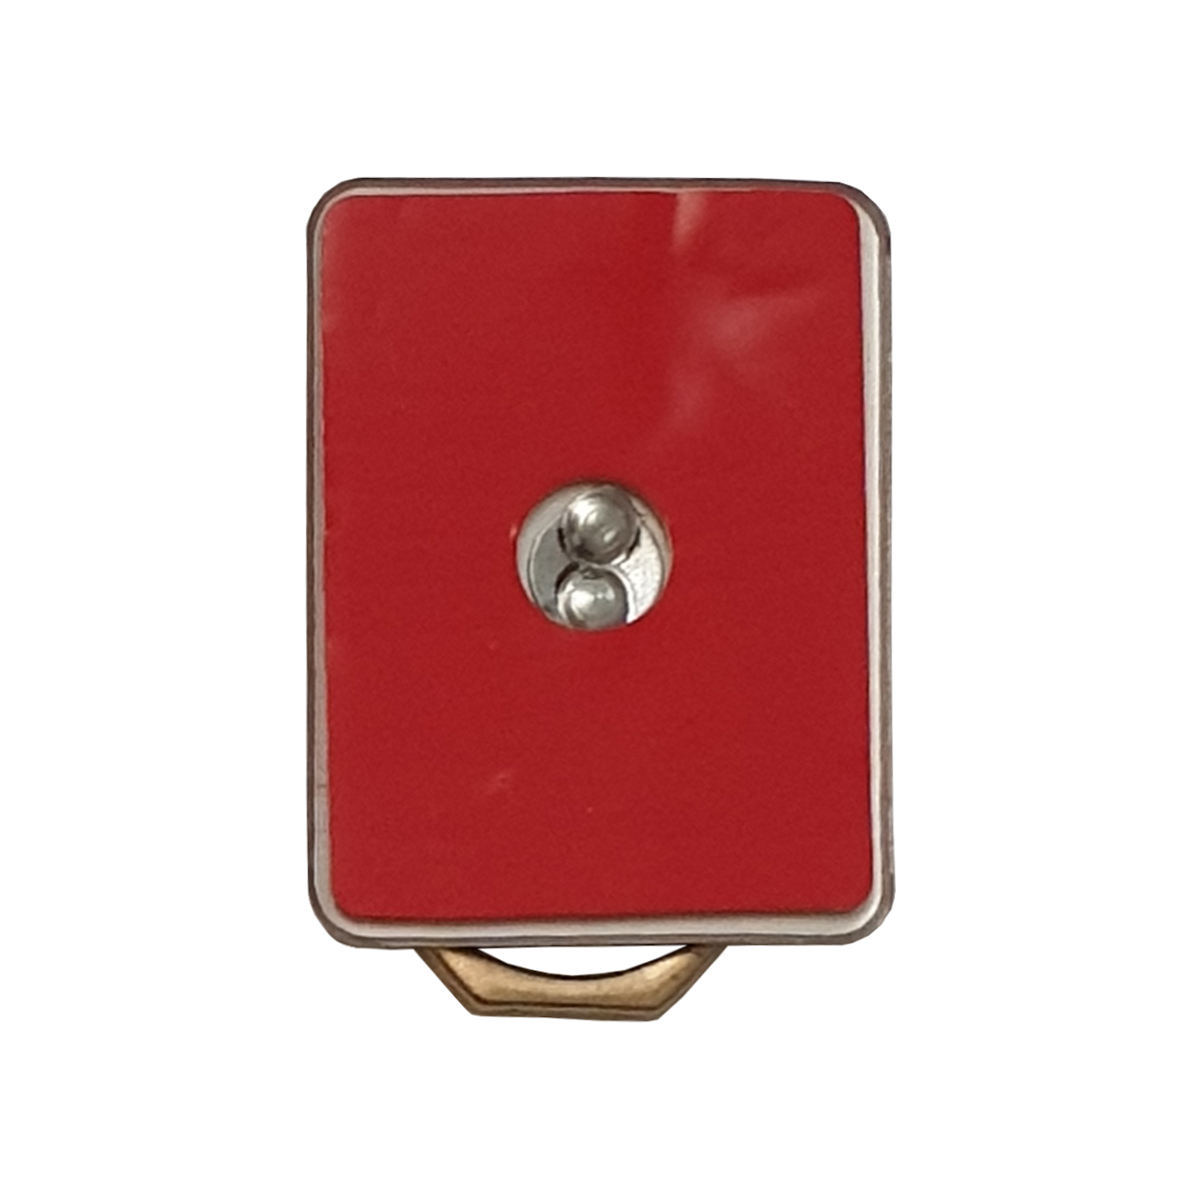 حلقه نگهدارنده گوشی موبایل هوآوی مدل RNG-03 main 1 1